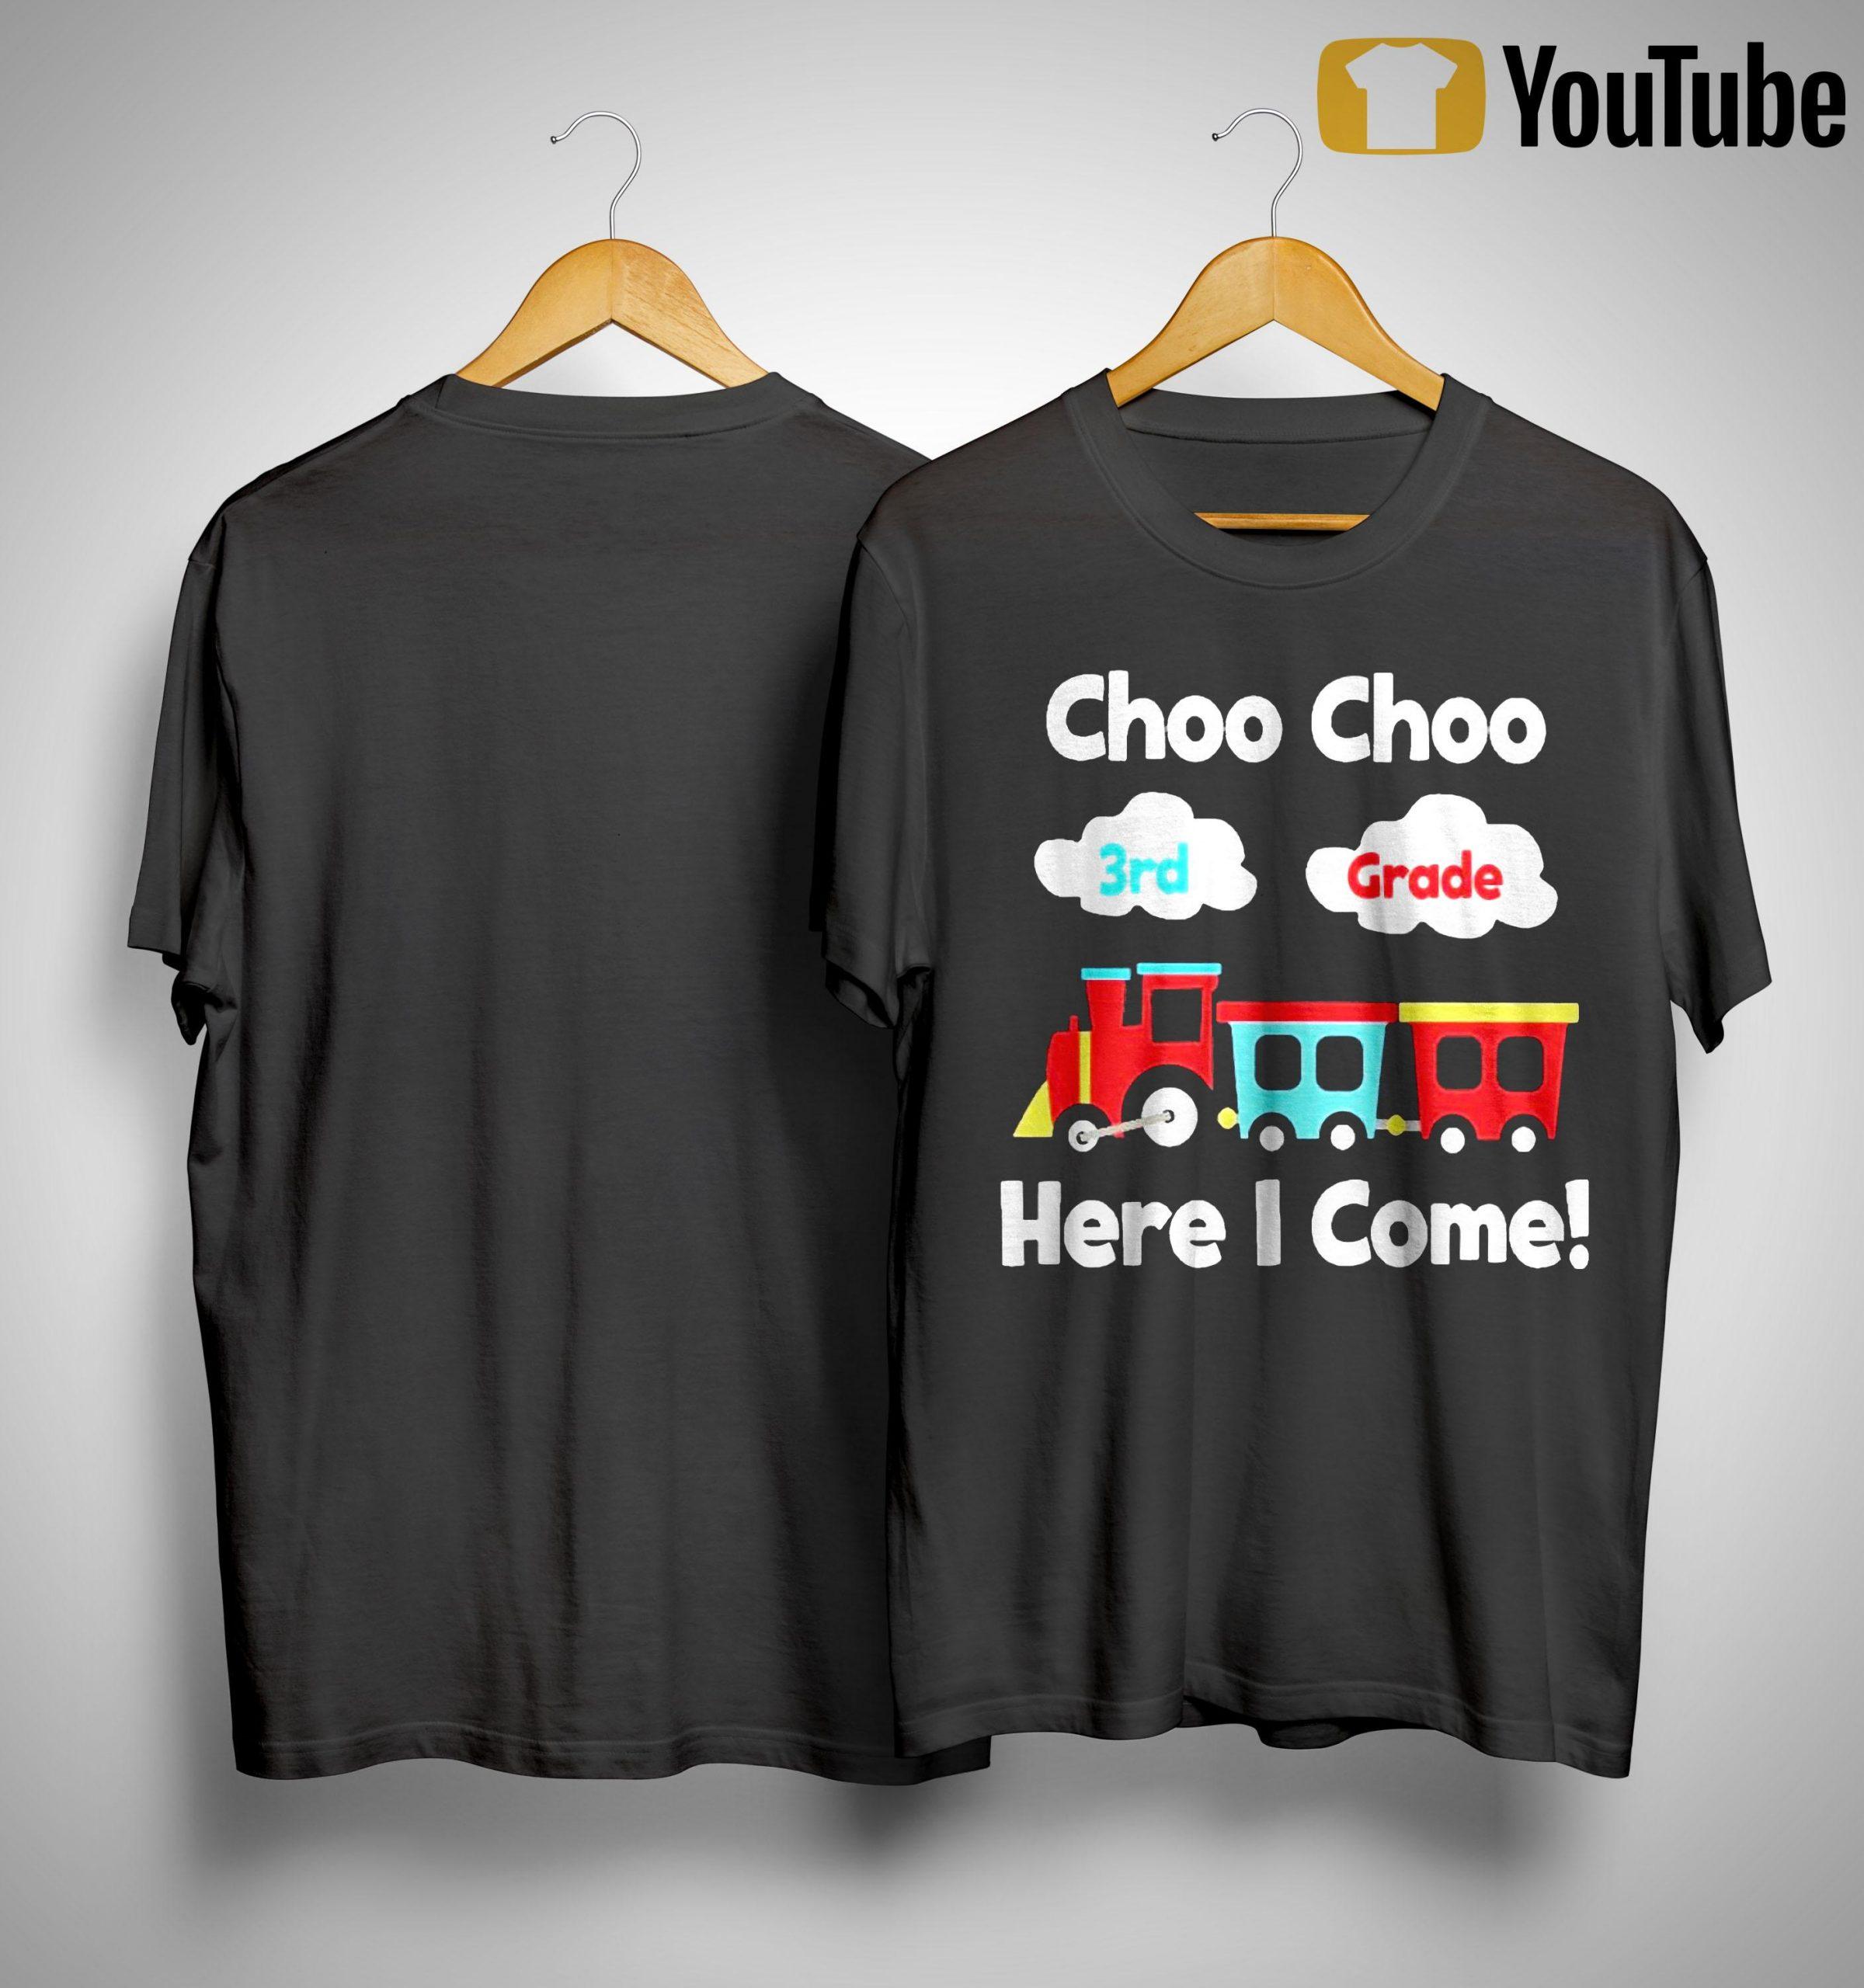 Choo Choo 8th Grade Here I Come Shirt